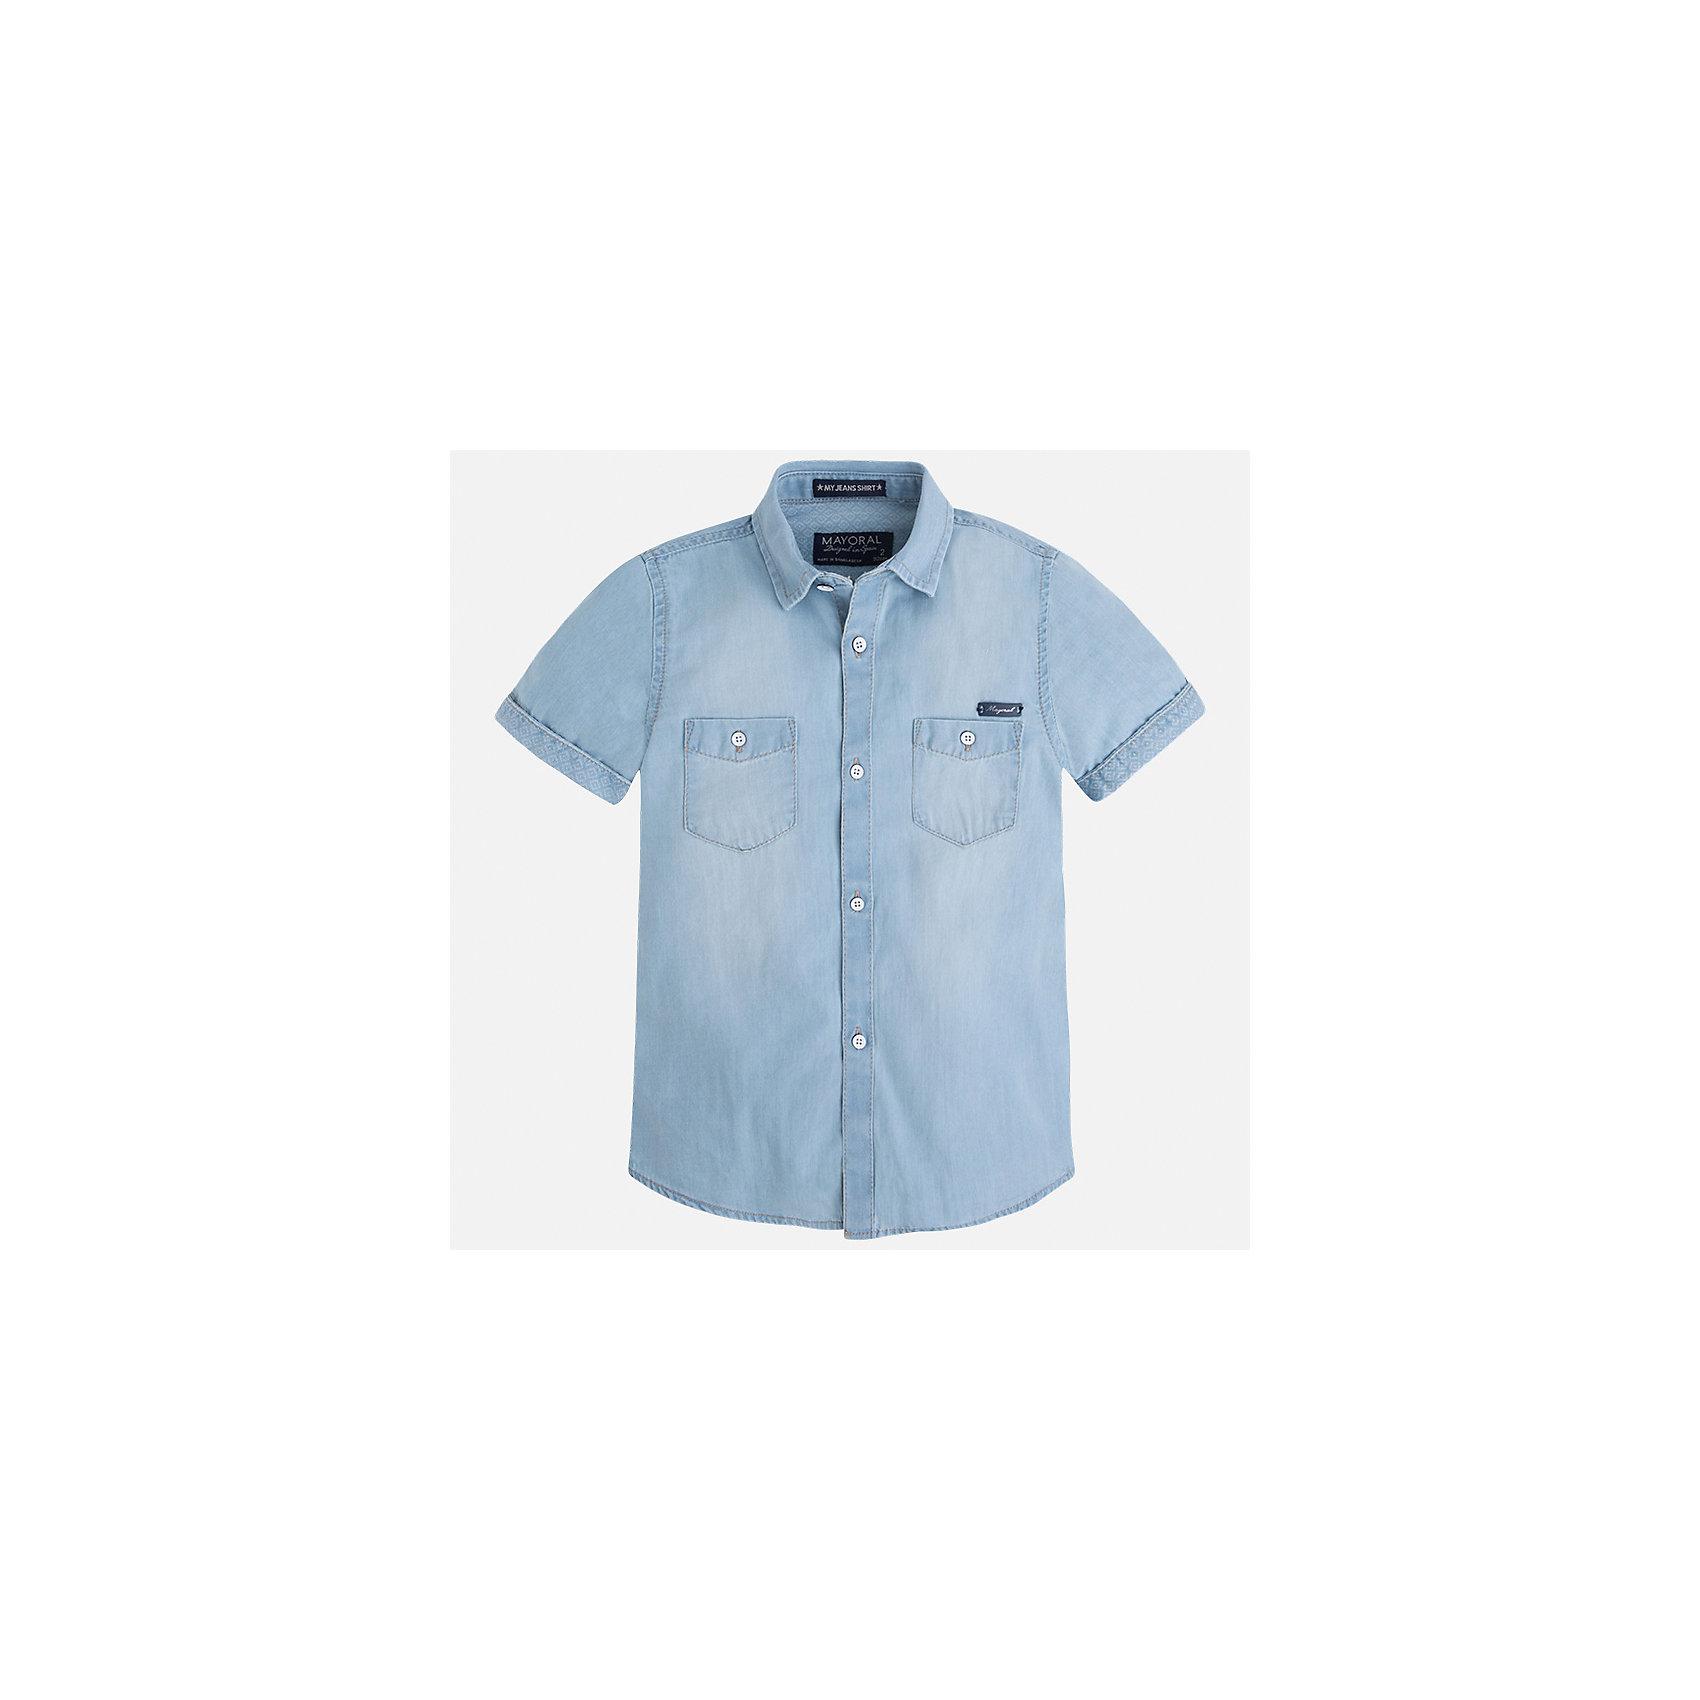 Рубашка джинсовая для мальчика MayoralБлузки и рубашки<br>Характеристики товара:<br><br>• цвет: голубой джинс<br>• состав: 100% хлопок<br>• отложной воротник<br>• короткие рукава<br>• застежка: пуговицы<br>• карманы на груди<br>• страна бренда: Испания<br><br>Стильная рубашка для мальчика может стать базовой вещью в гардеробе ребенка. Она отлично сочетается с брюками, шортами, джинсами и т.д. Универсальный крой и цвет позволяет подобрать к вещи низ разных расцветок. Практичное и стильное изделие! В составе материала - только натуральный хлопок, гипоаллергенный, приятный на ощупь, дышащий.<br><br>Одежда, обувь и аксессуары от испанского бренда Mayoral полюбились детям и взрослым по всему миру. Модели этой марки - стильные и удобные. Для их производства используются только безопасные, качественные материалы и фурнитура. Порадуйте ребенка модными и красивыми вещами от Mayoral! <br><br>Рубашку для мальчика от испанского бренда Mayoral (Майорал) можно купить в нашем интернет-магазине.<br><br>Ширина мм: 174<br>Глубина мм: 10<br>Высота мм: 169<br>Вес г: 157<br>Цвет: синий<br>Возраст от месяцев: 18<br>Возраст до месяцев: 24<br>Пол: Мужской<br>Возраст: Детский<br>Размер: 92,134,128,122,116,110,104,98<br>SKU: 5272279